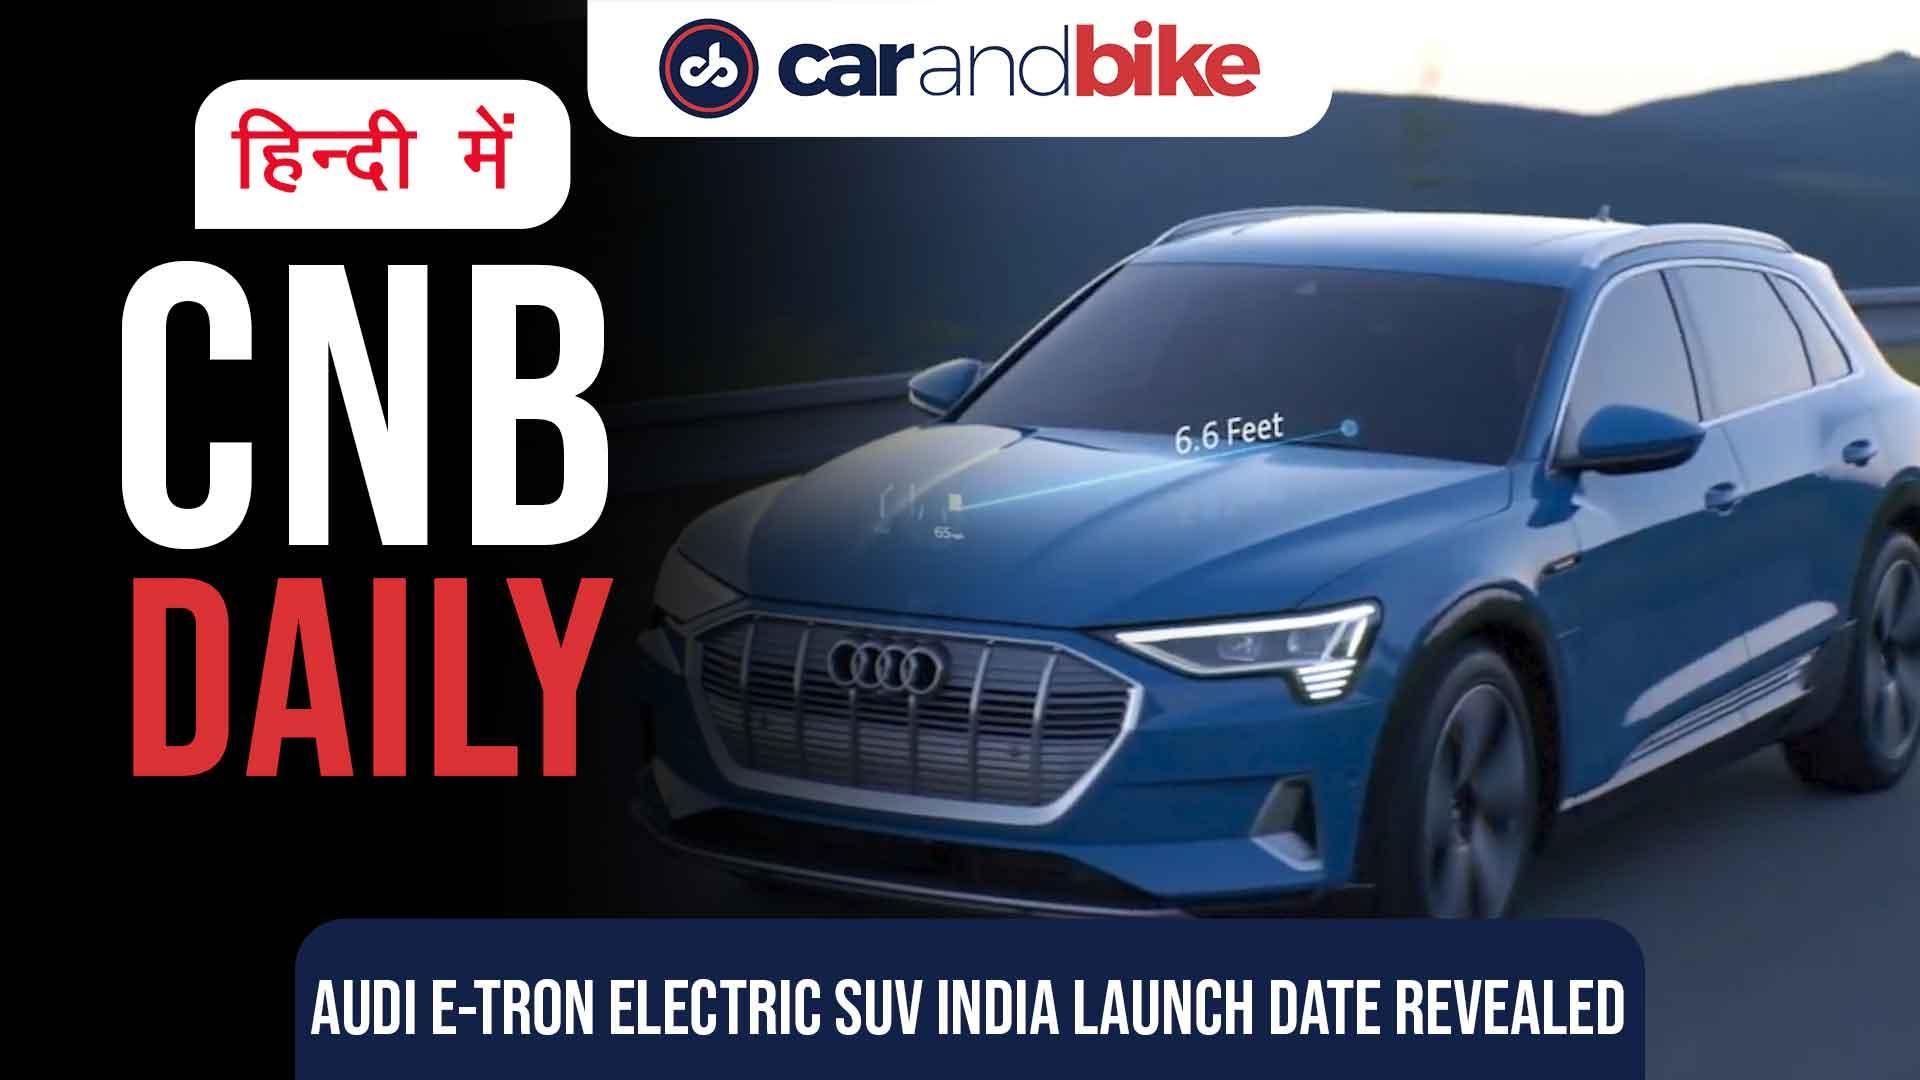 ऑडी ई-ट्रॉन भारत में 22 जुलाई को होगी लॉन्च